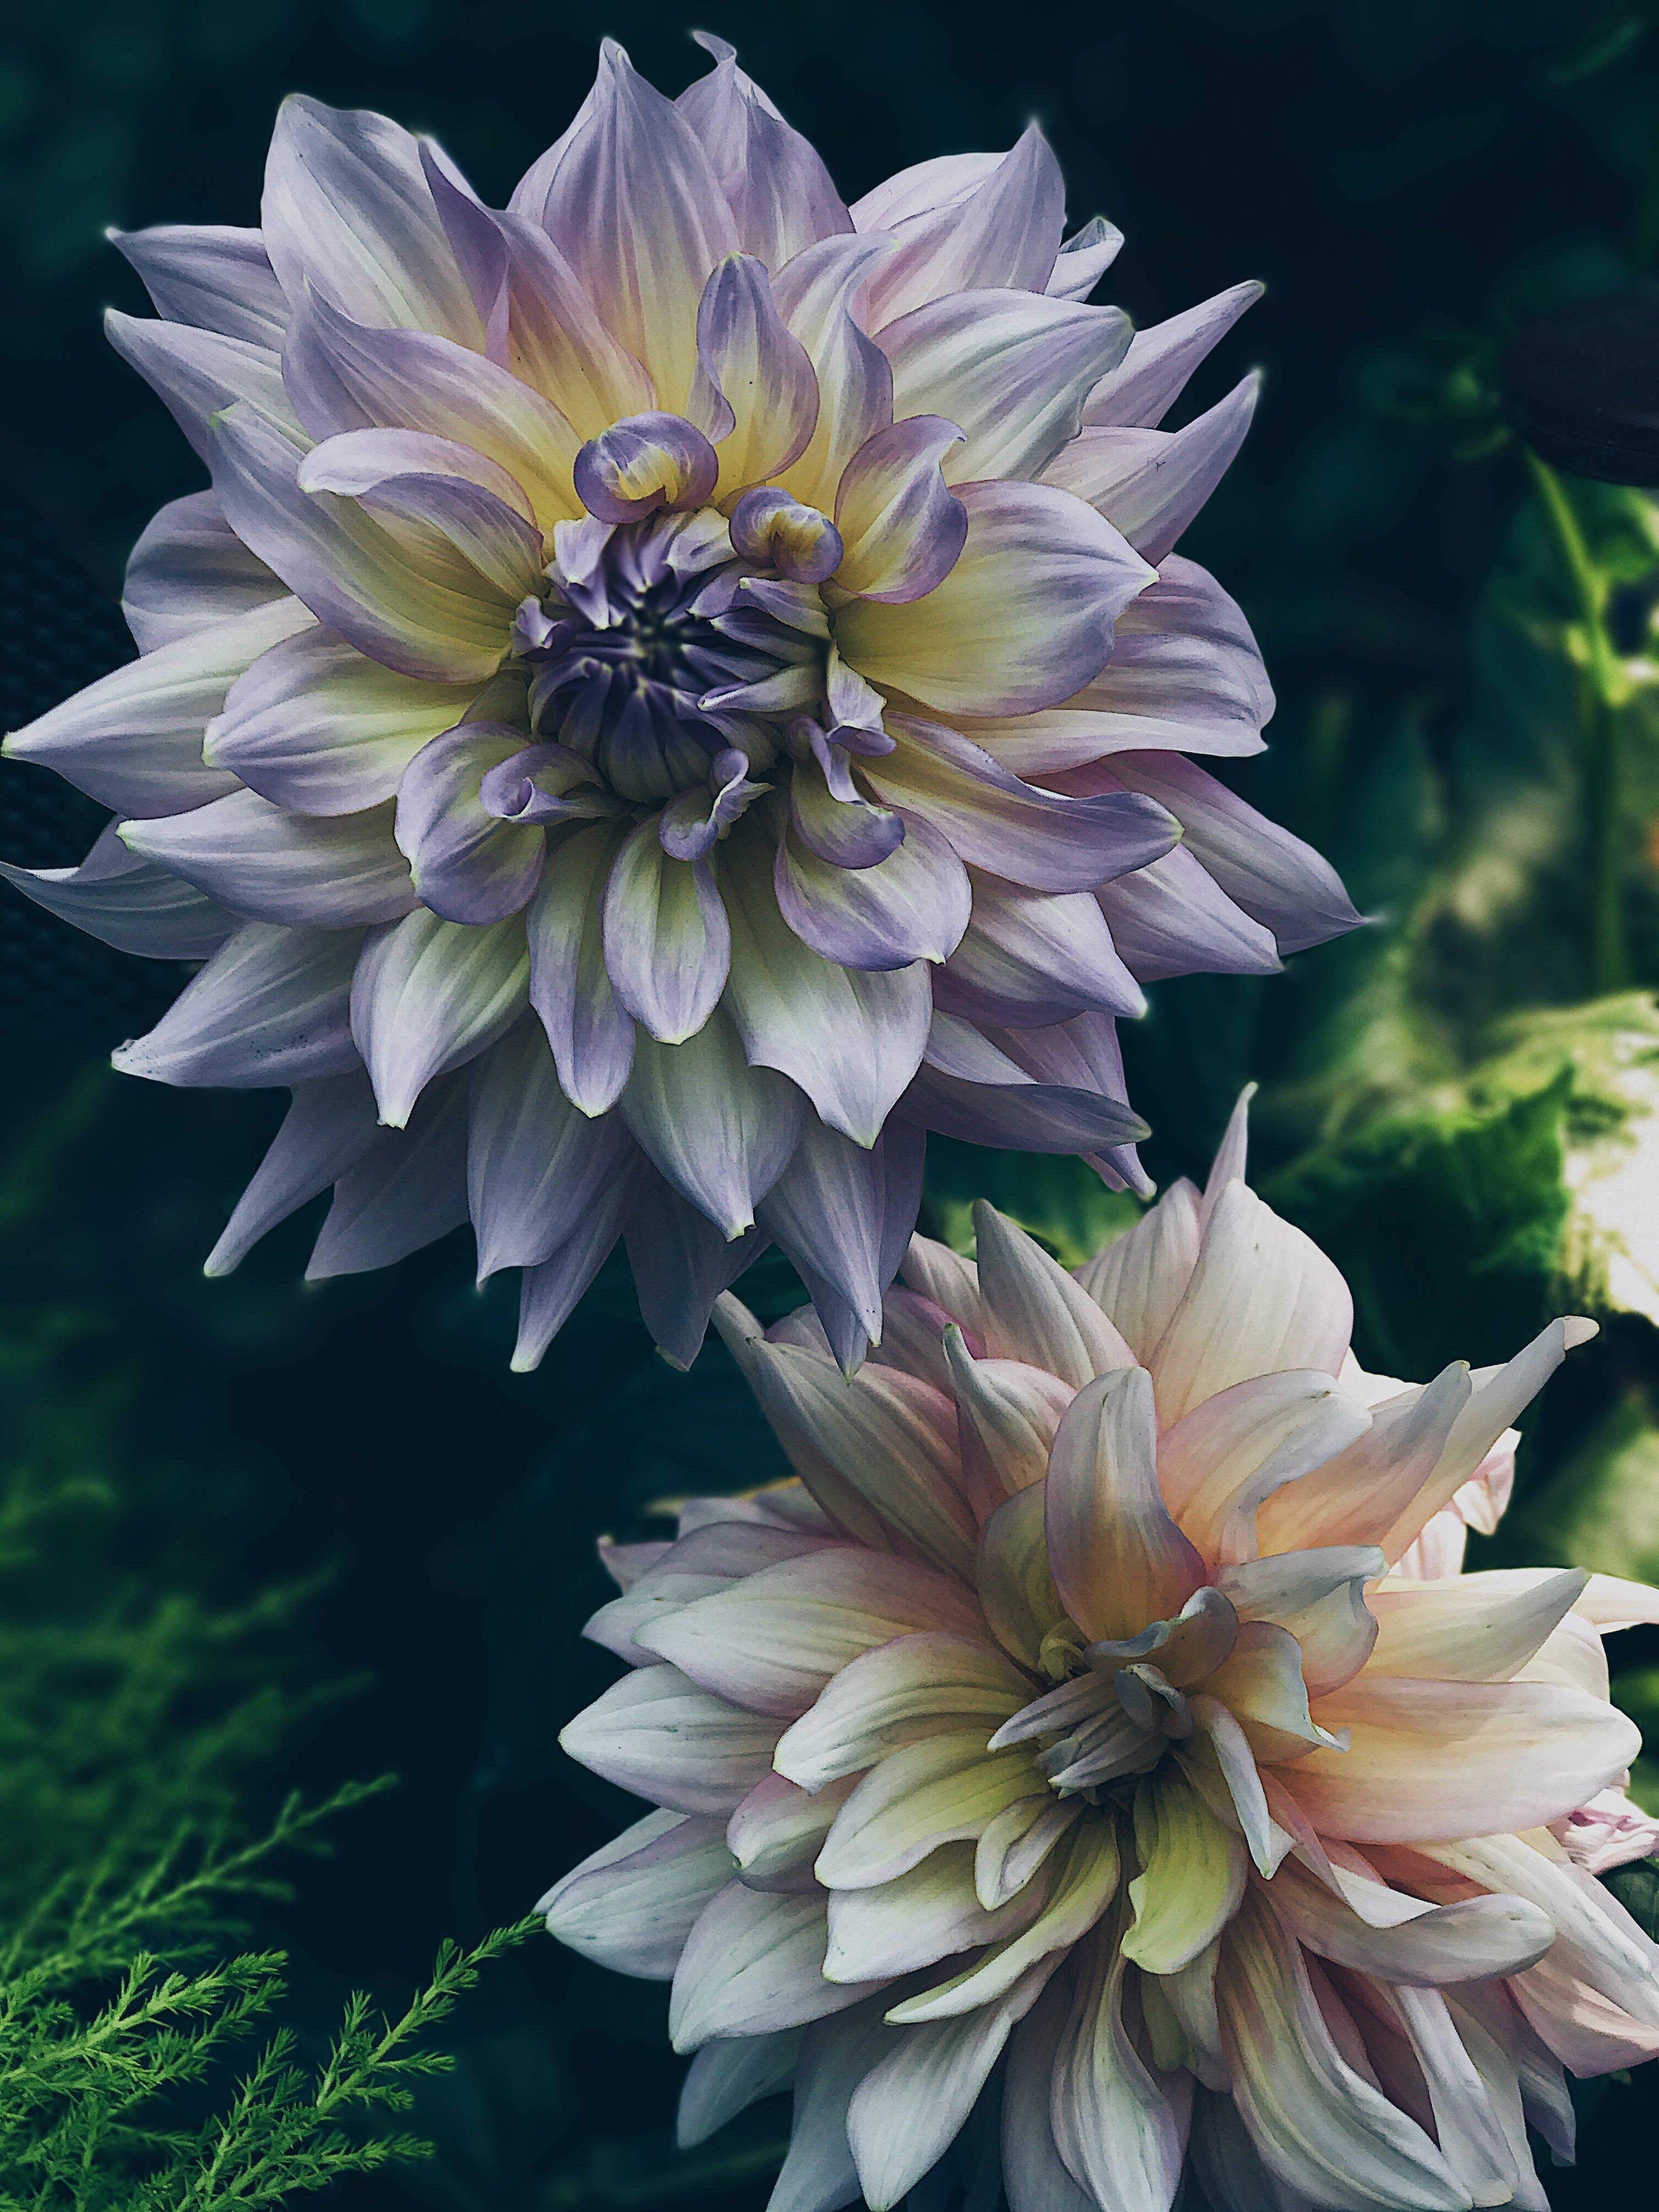 Gratis lagerfoto af blomst, blomster, dahlia, flora